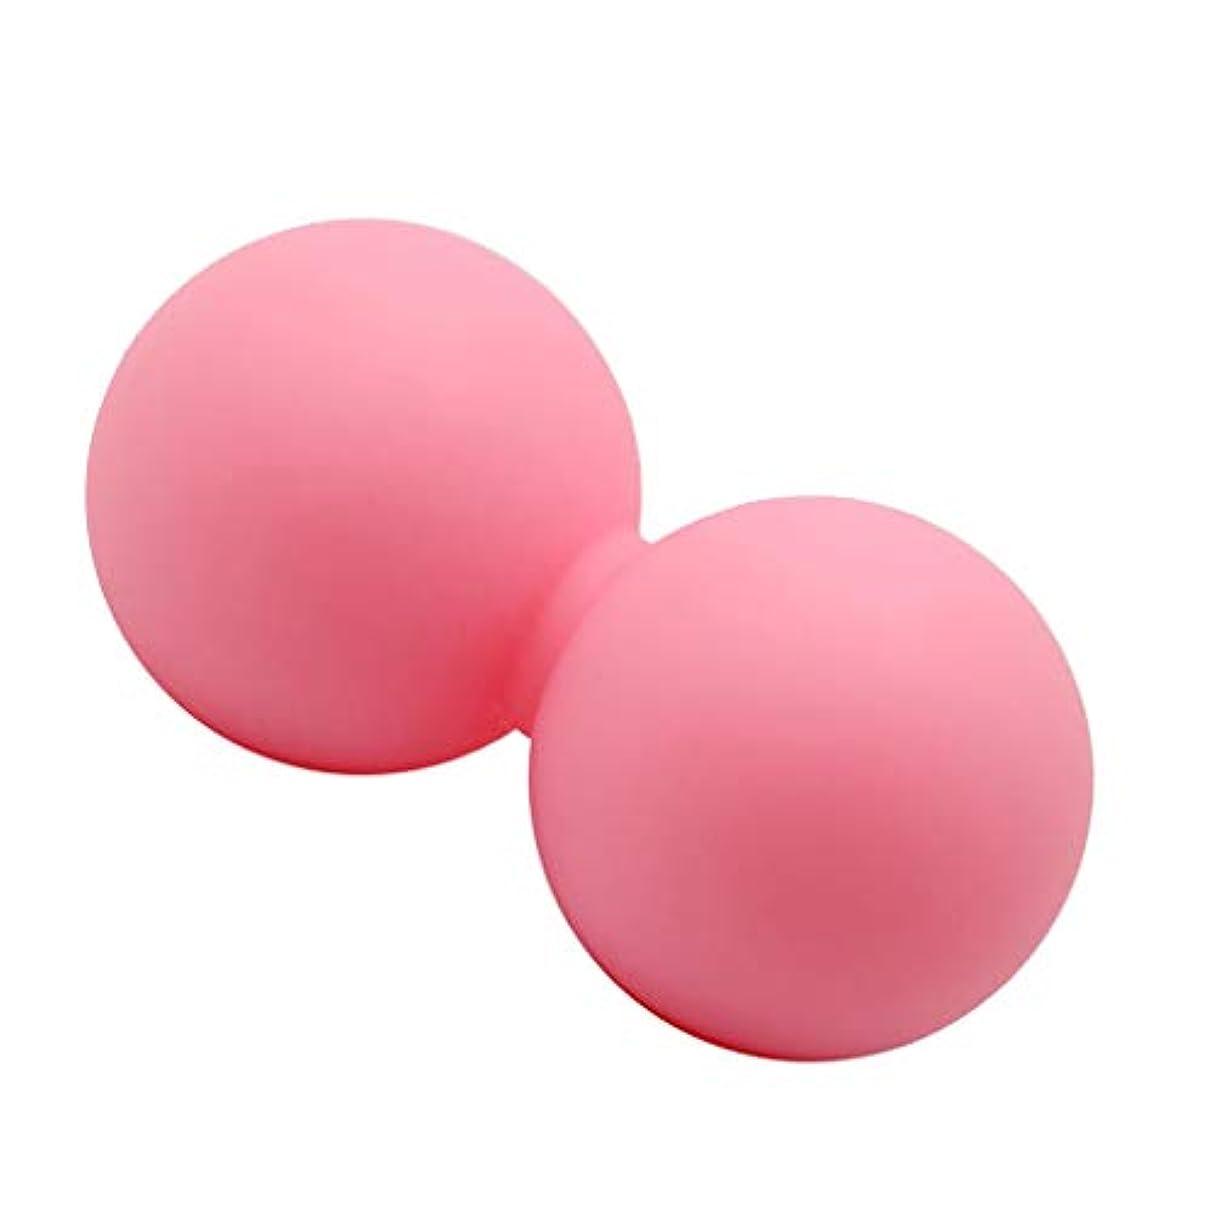 建てる火炎一目マッサージ ヨガボール ピーナッツ形 痛み緩和 ピンク